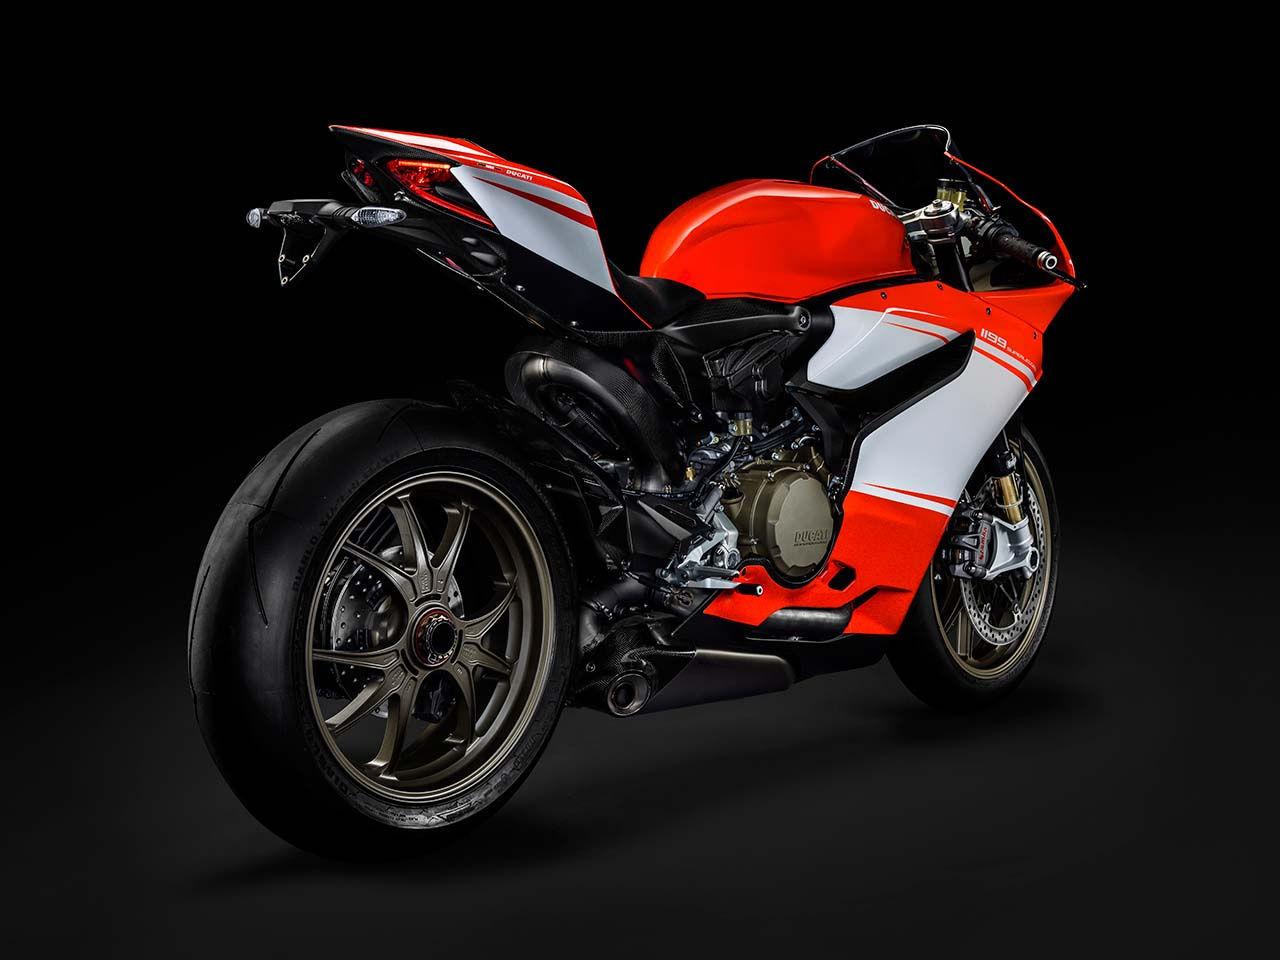 2014 Ducati    Ducati Superleggera - Rear Side Shot